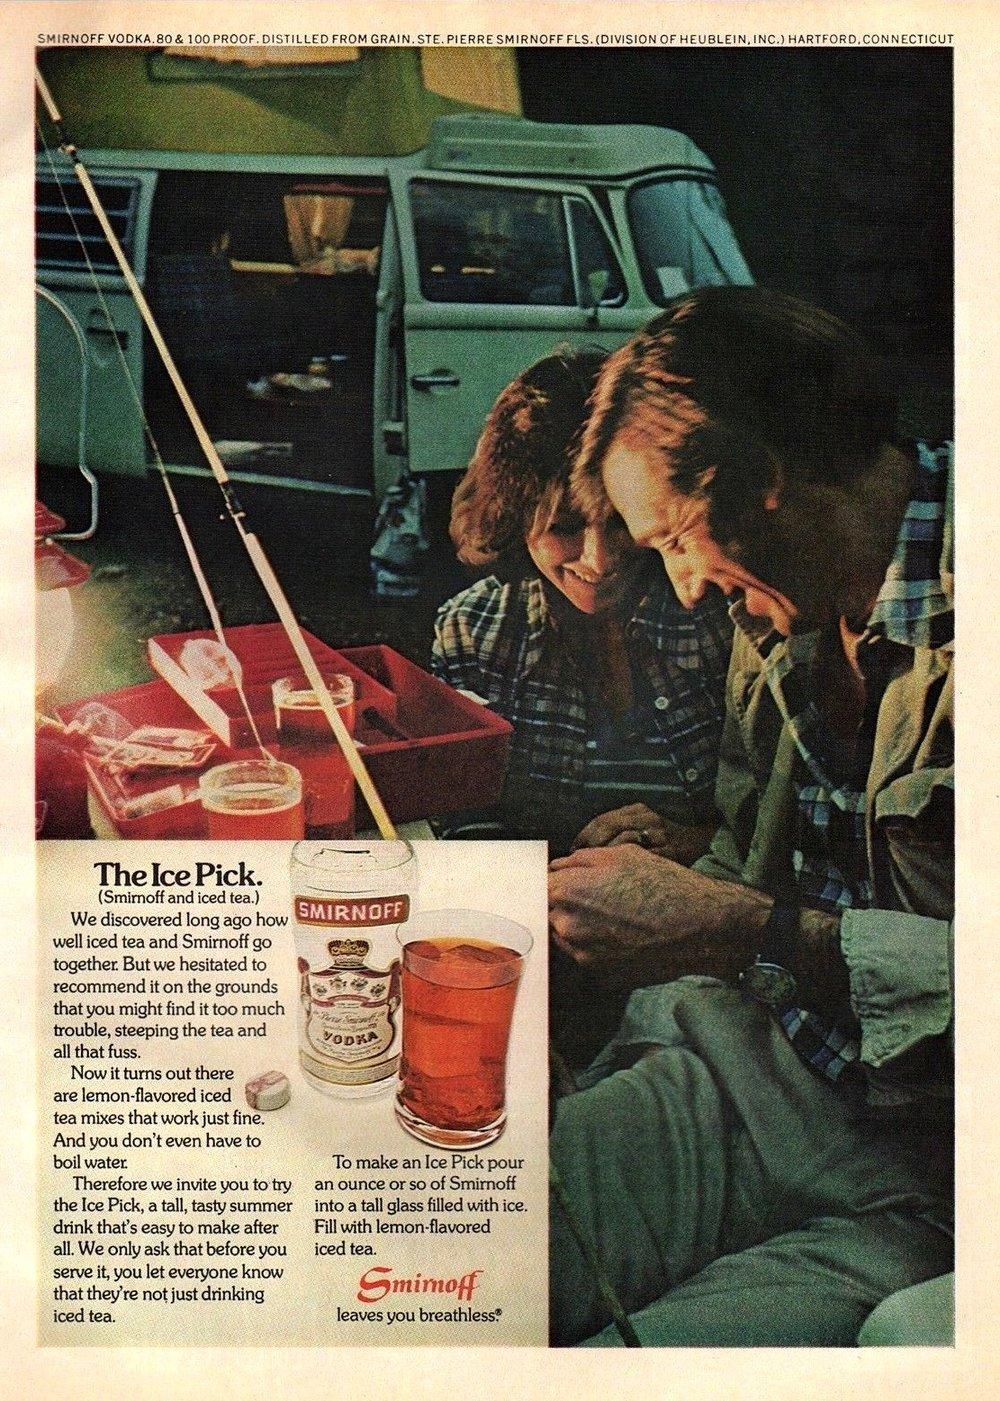 Smirnoff, 1975